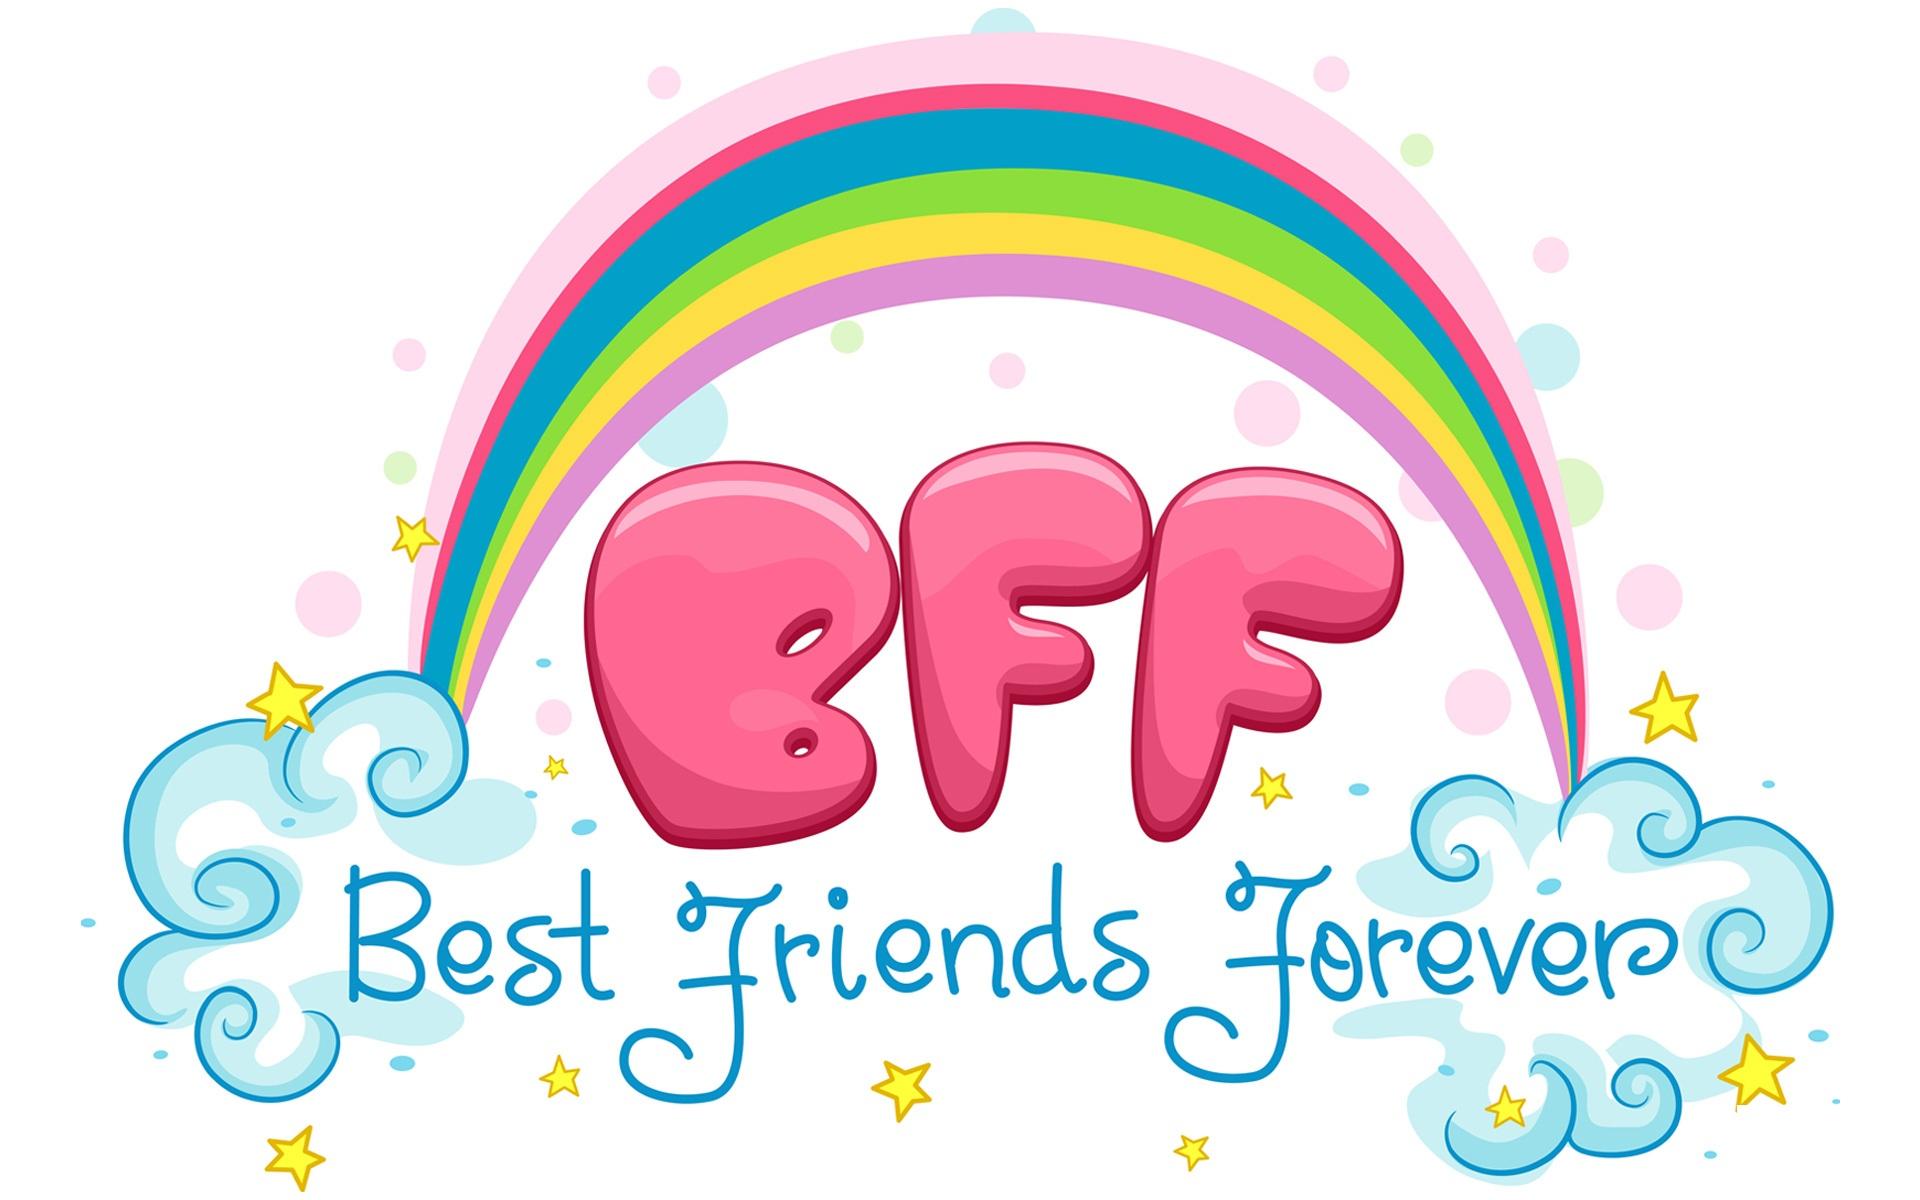 Best Friends Forever   Wallpaper High Definition High 1920x1200